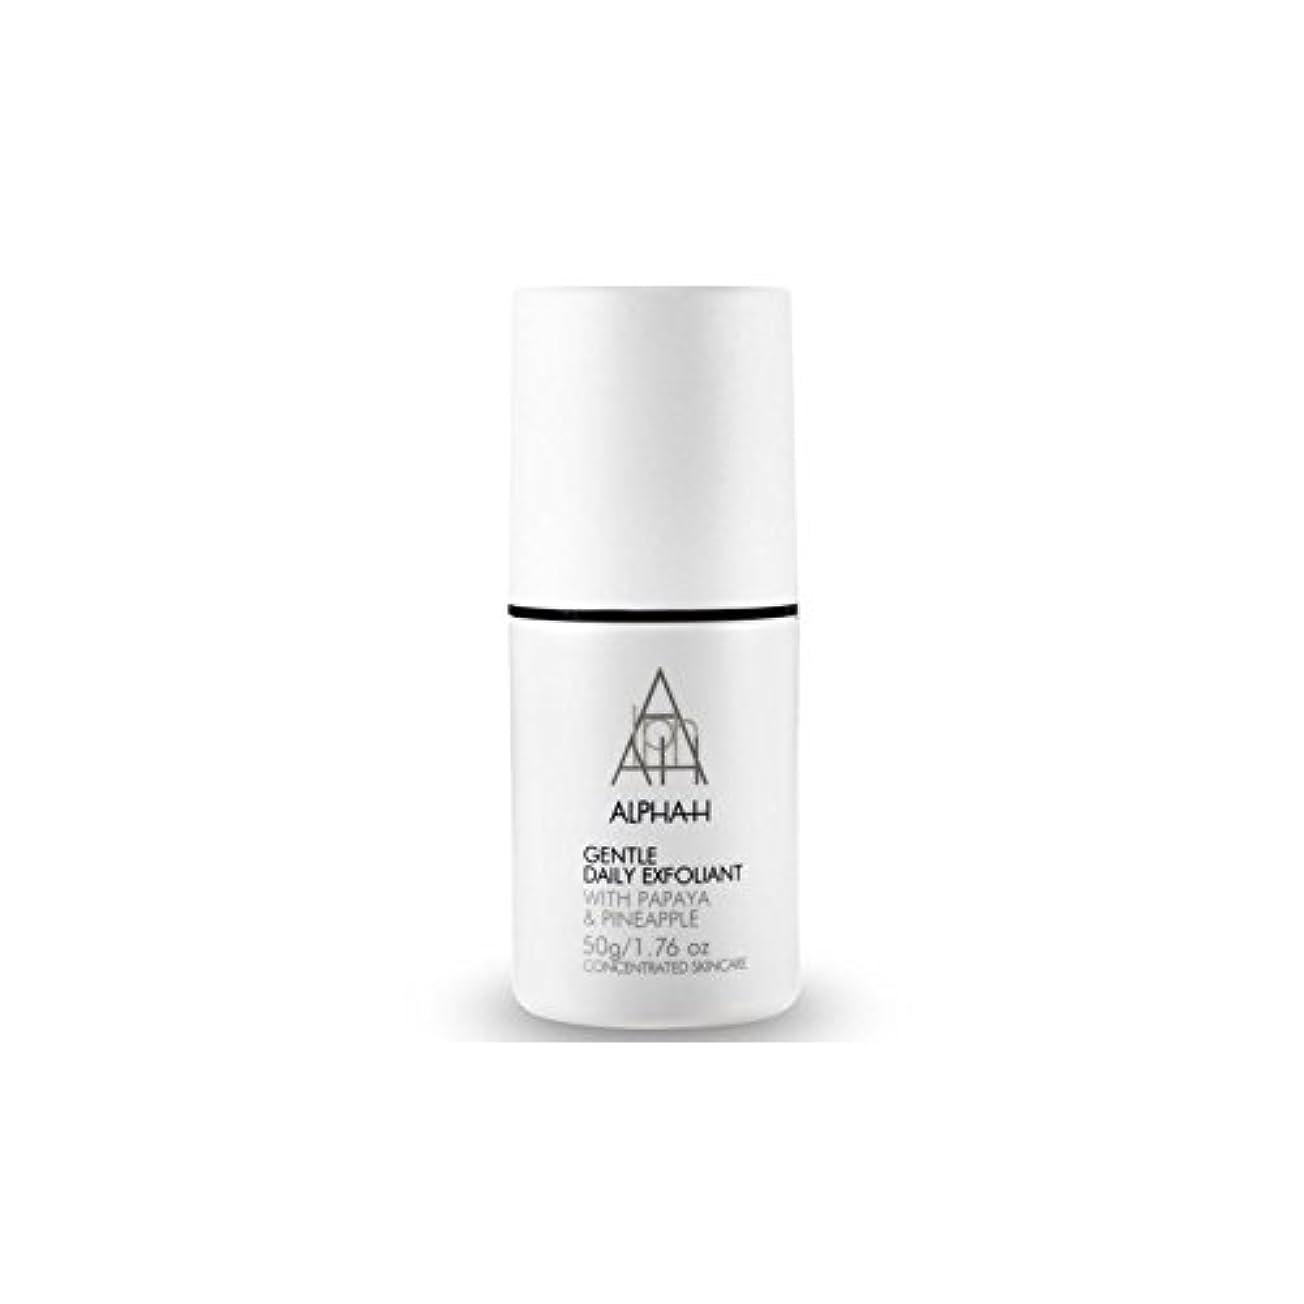 指標自宅でドアミラーアルファ - 時間穏やか毎日の角質(50グラム) x4 - Alpha-H Gentle Daily Exfoliant (50G) (Pack of 4) [並行輸入品]